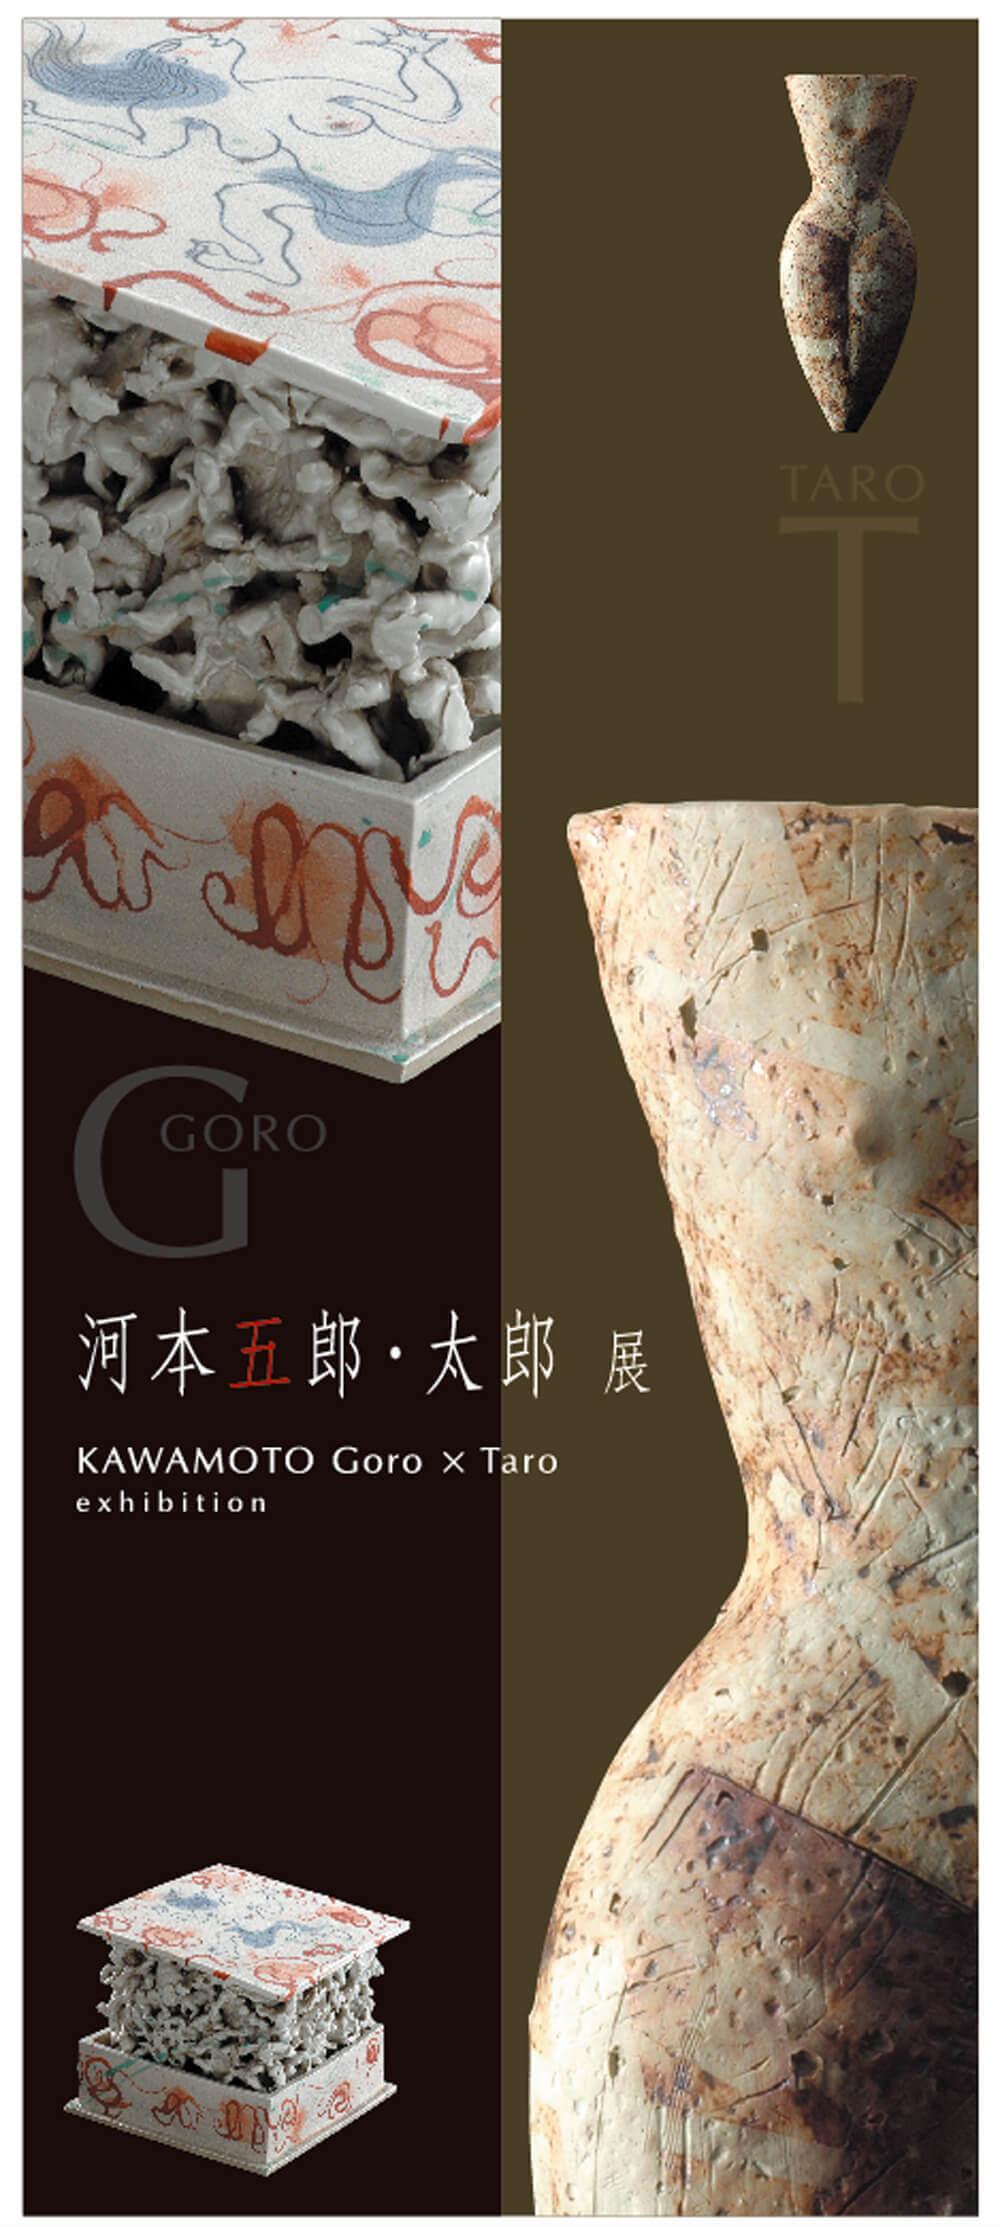 2007年3月15日から開催の「河本 五郎・太郎 展」のDM画像